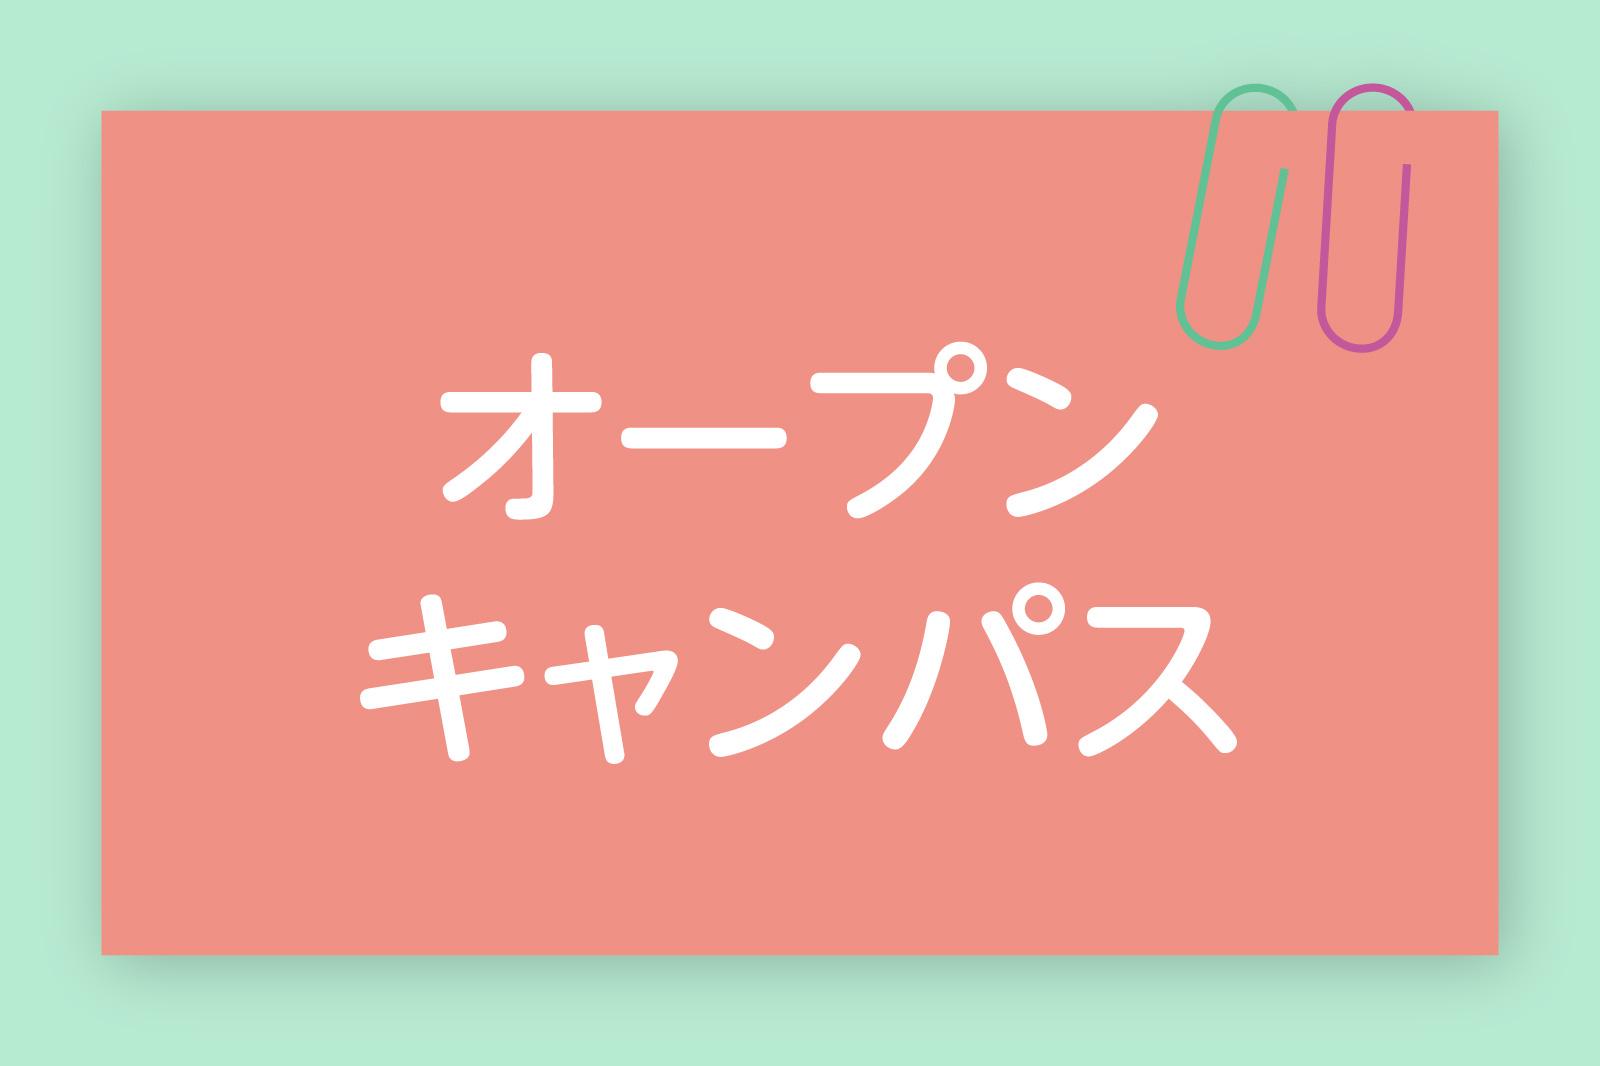 中学校オープンキャンパス・・・大阪女学院中学校 5/25